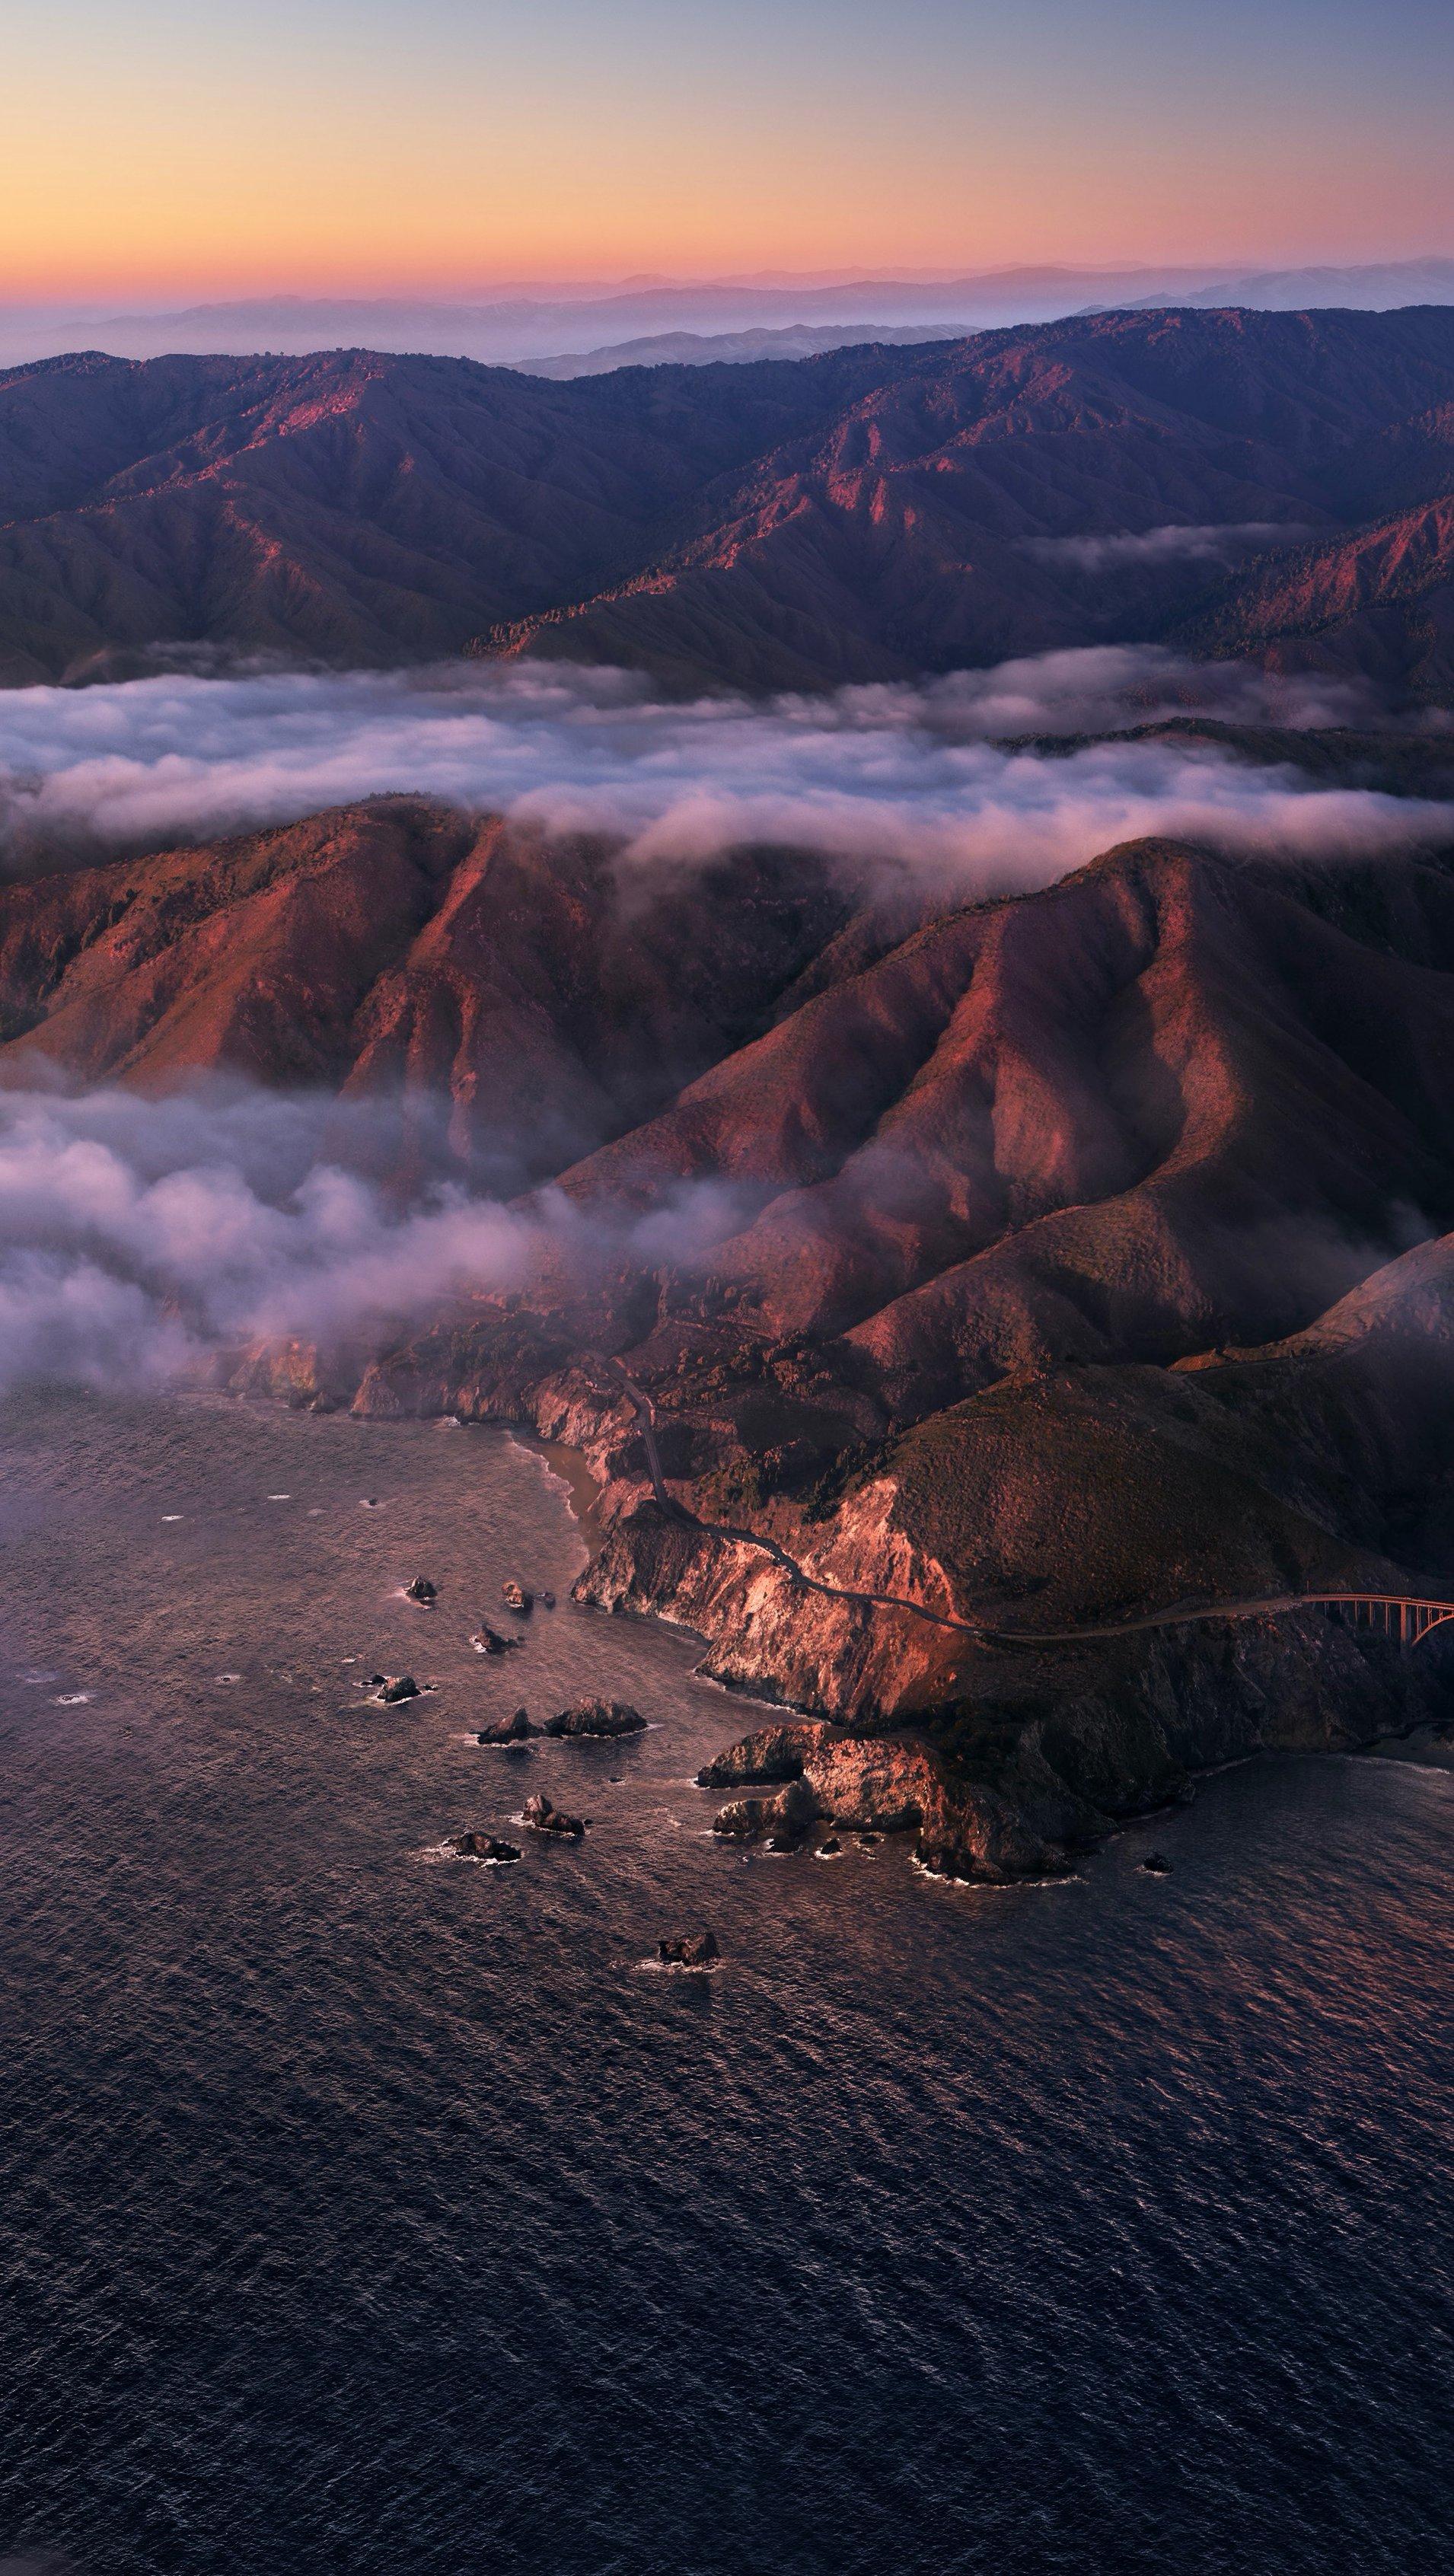 Fondos de pantalla Montañas con niebla Vertical